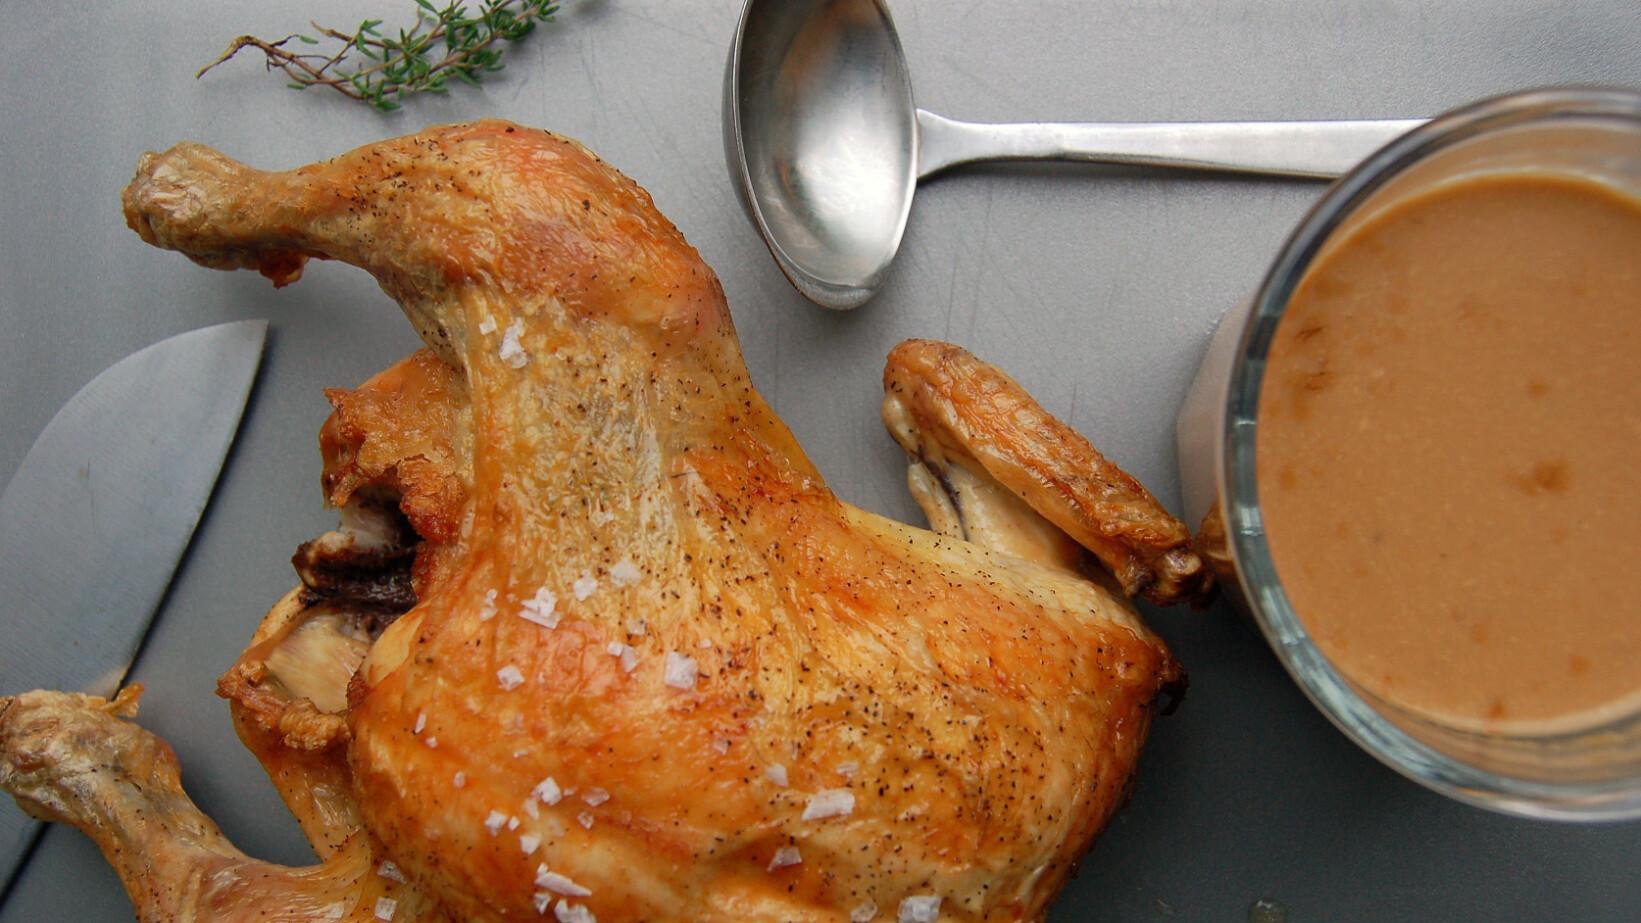 kogetid hel kylling